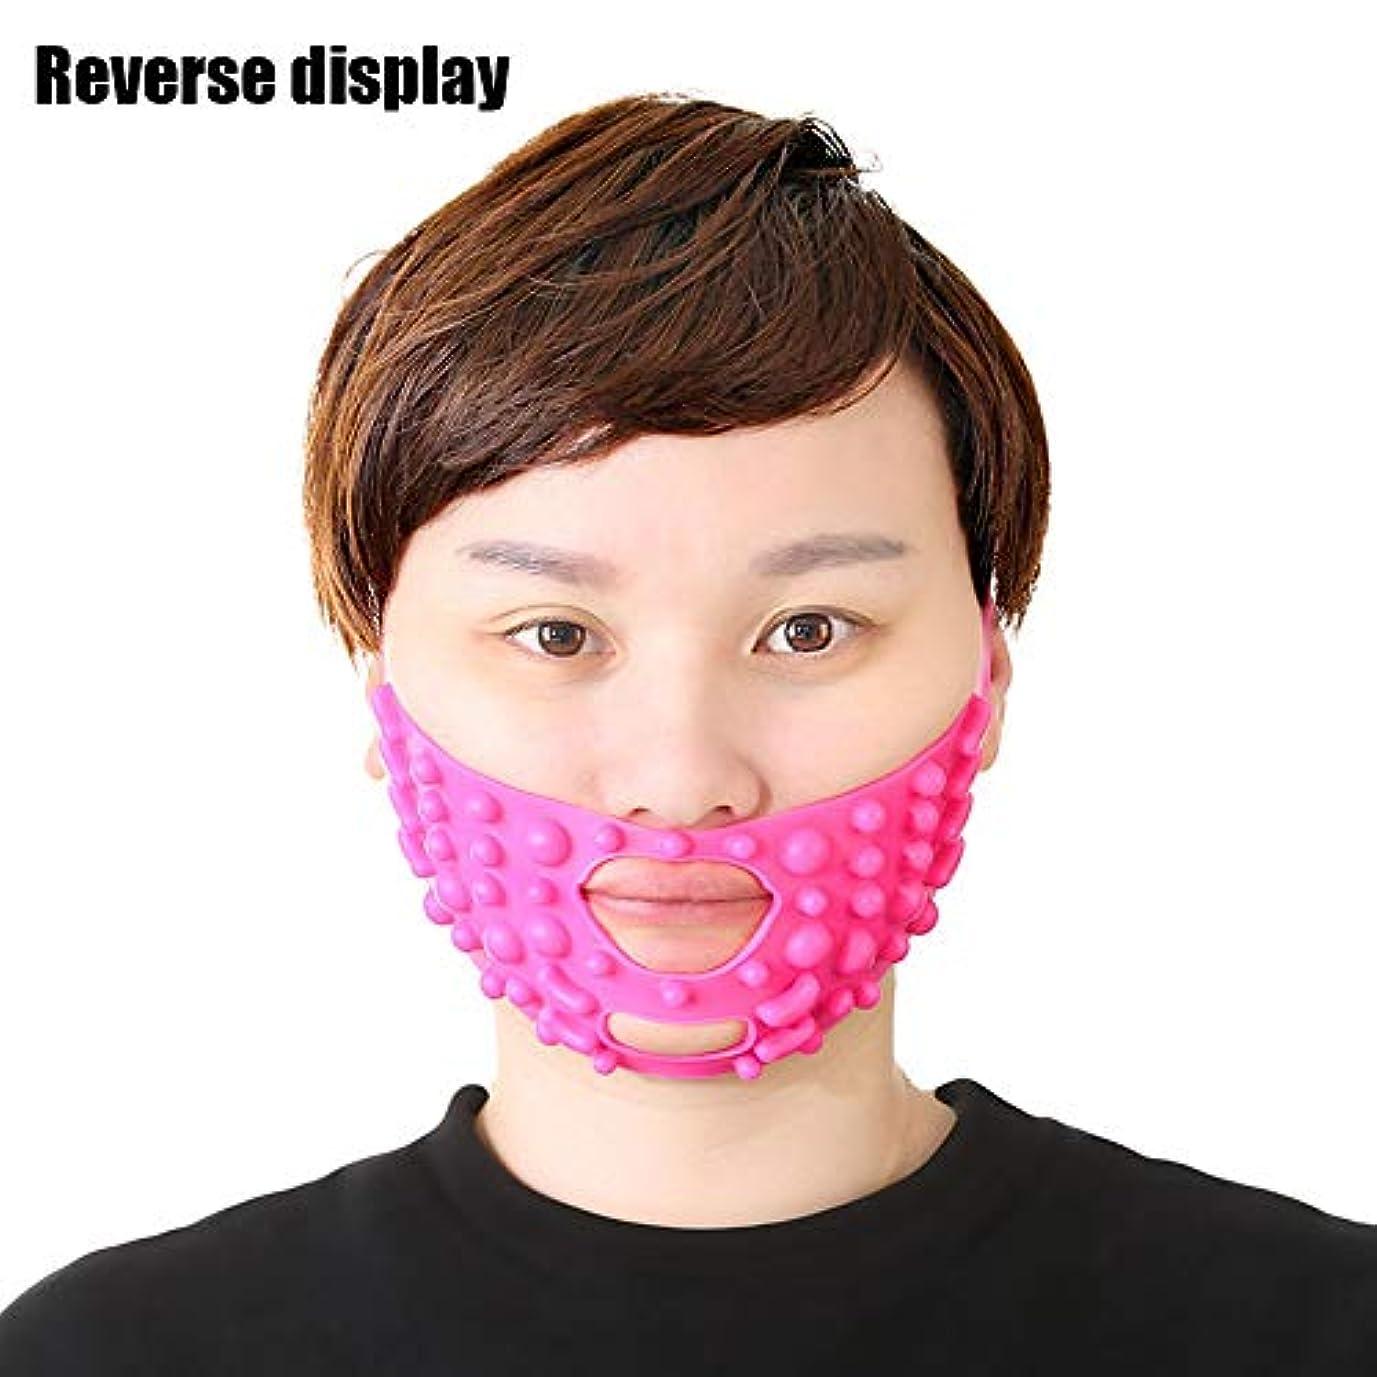 アウトドアアウトドア分子フェイシャルマッサージ包帯、持ち上げ、引き締め、法則パターンを改善して小さなVフェイス/二重あごマスクを作成(ローズレッド)